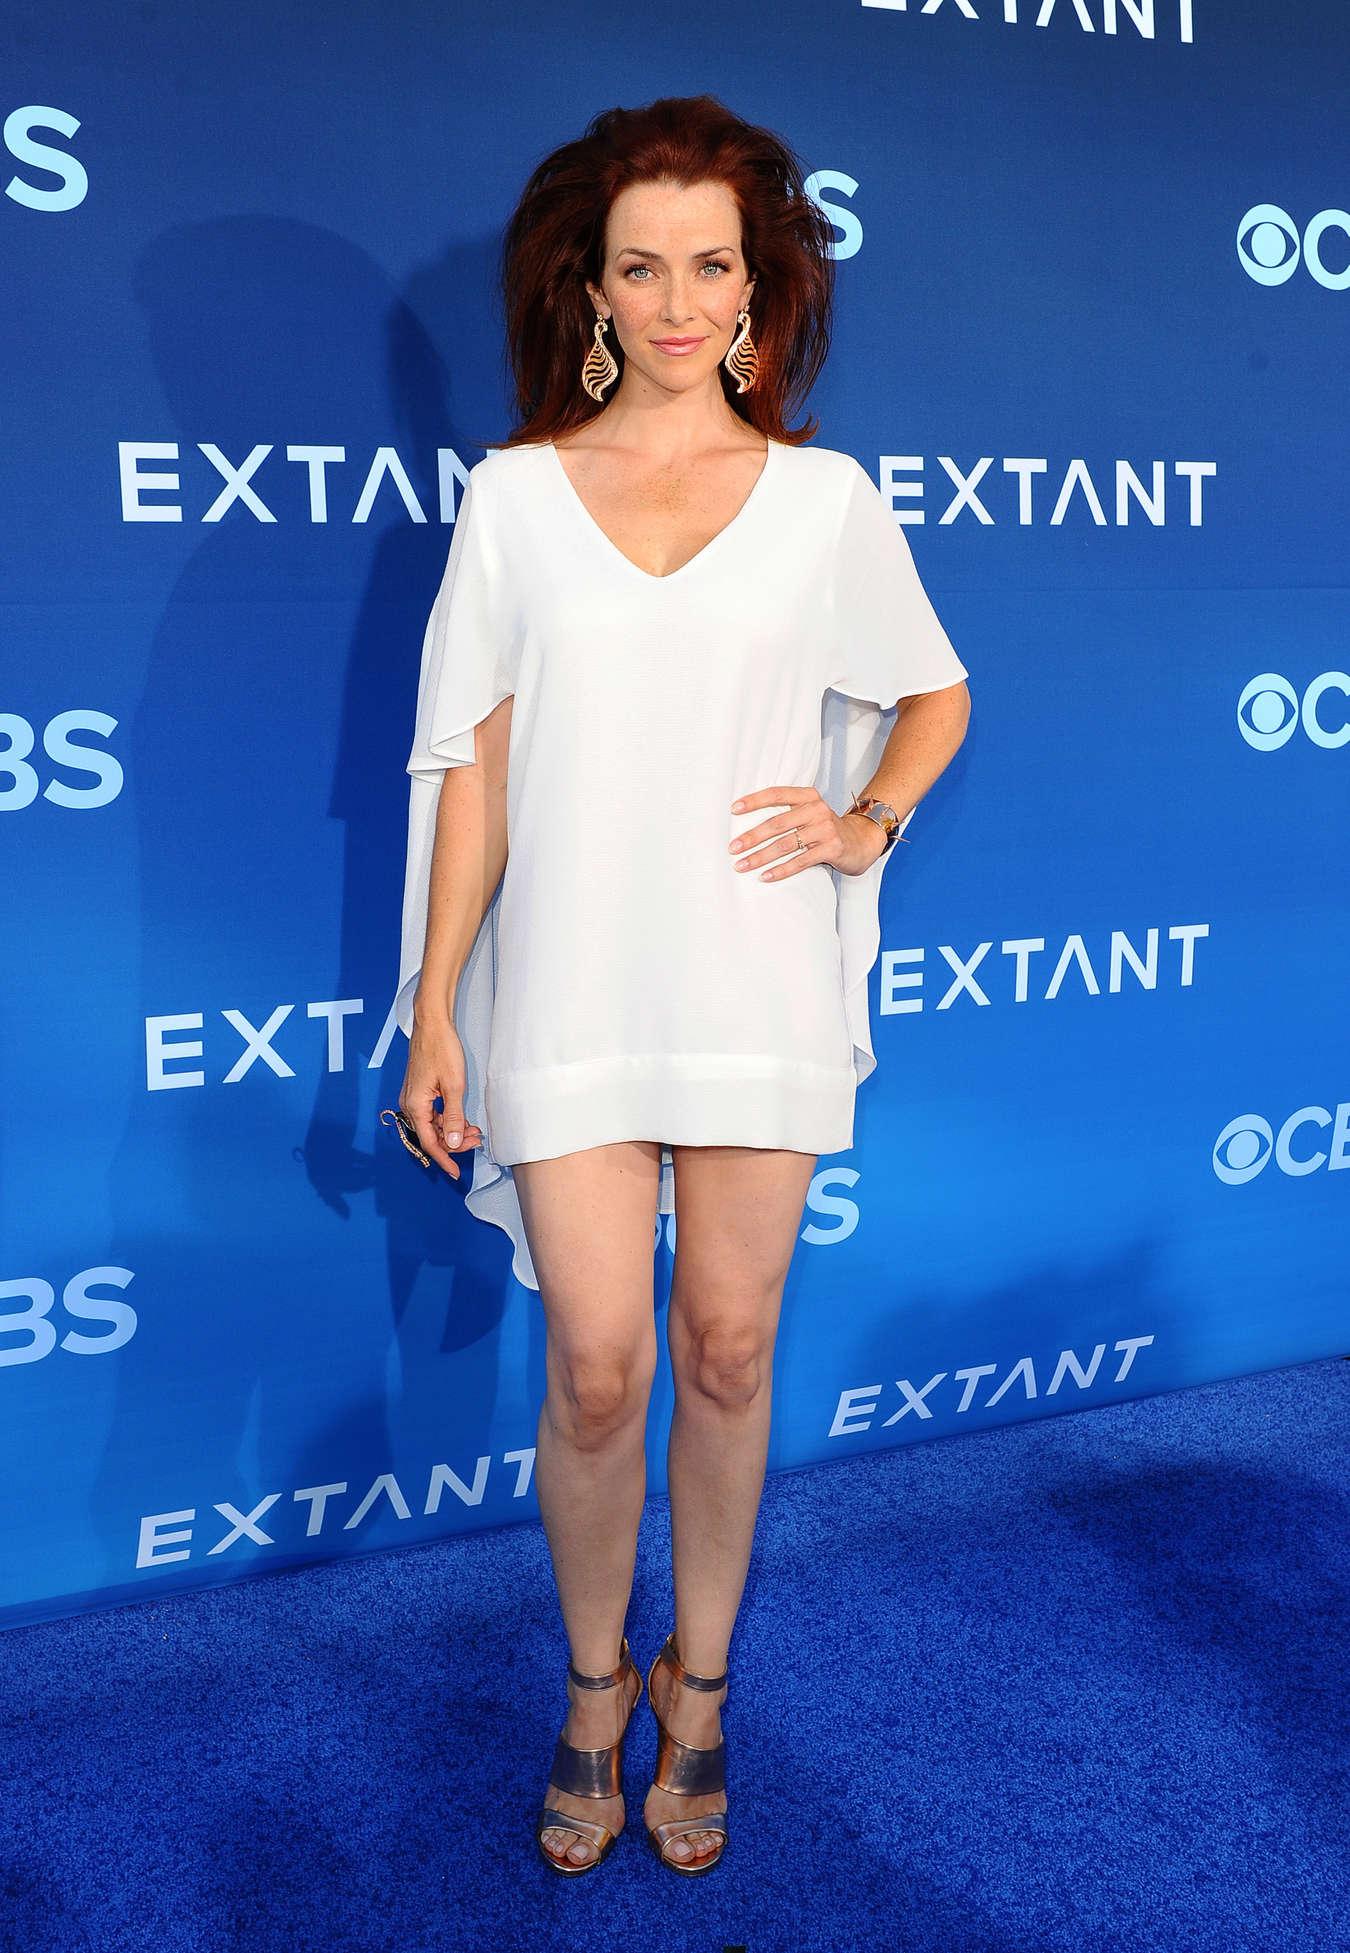 Annie Wersching Extant premiere in Los Angeles